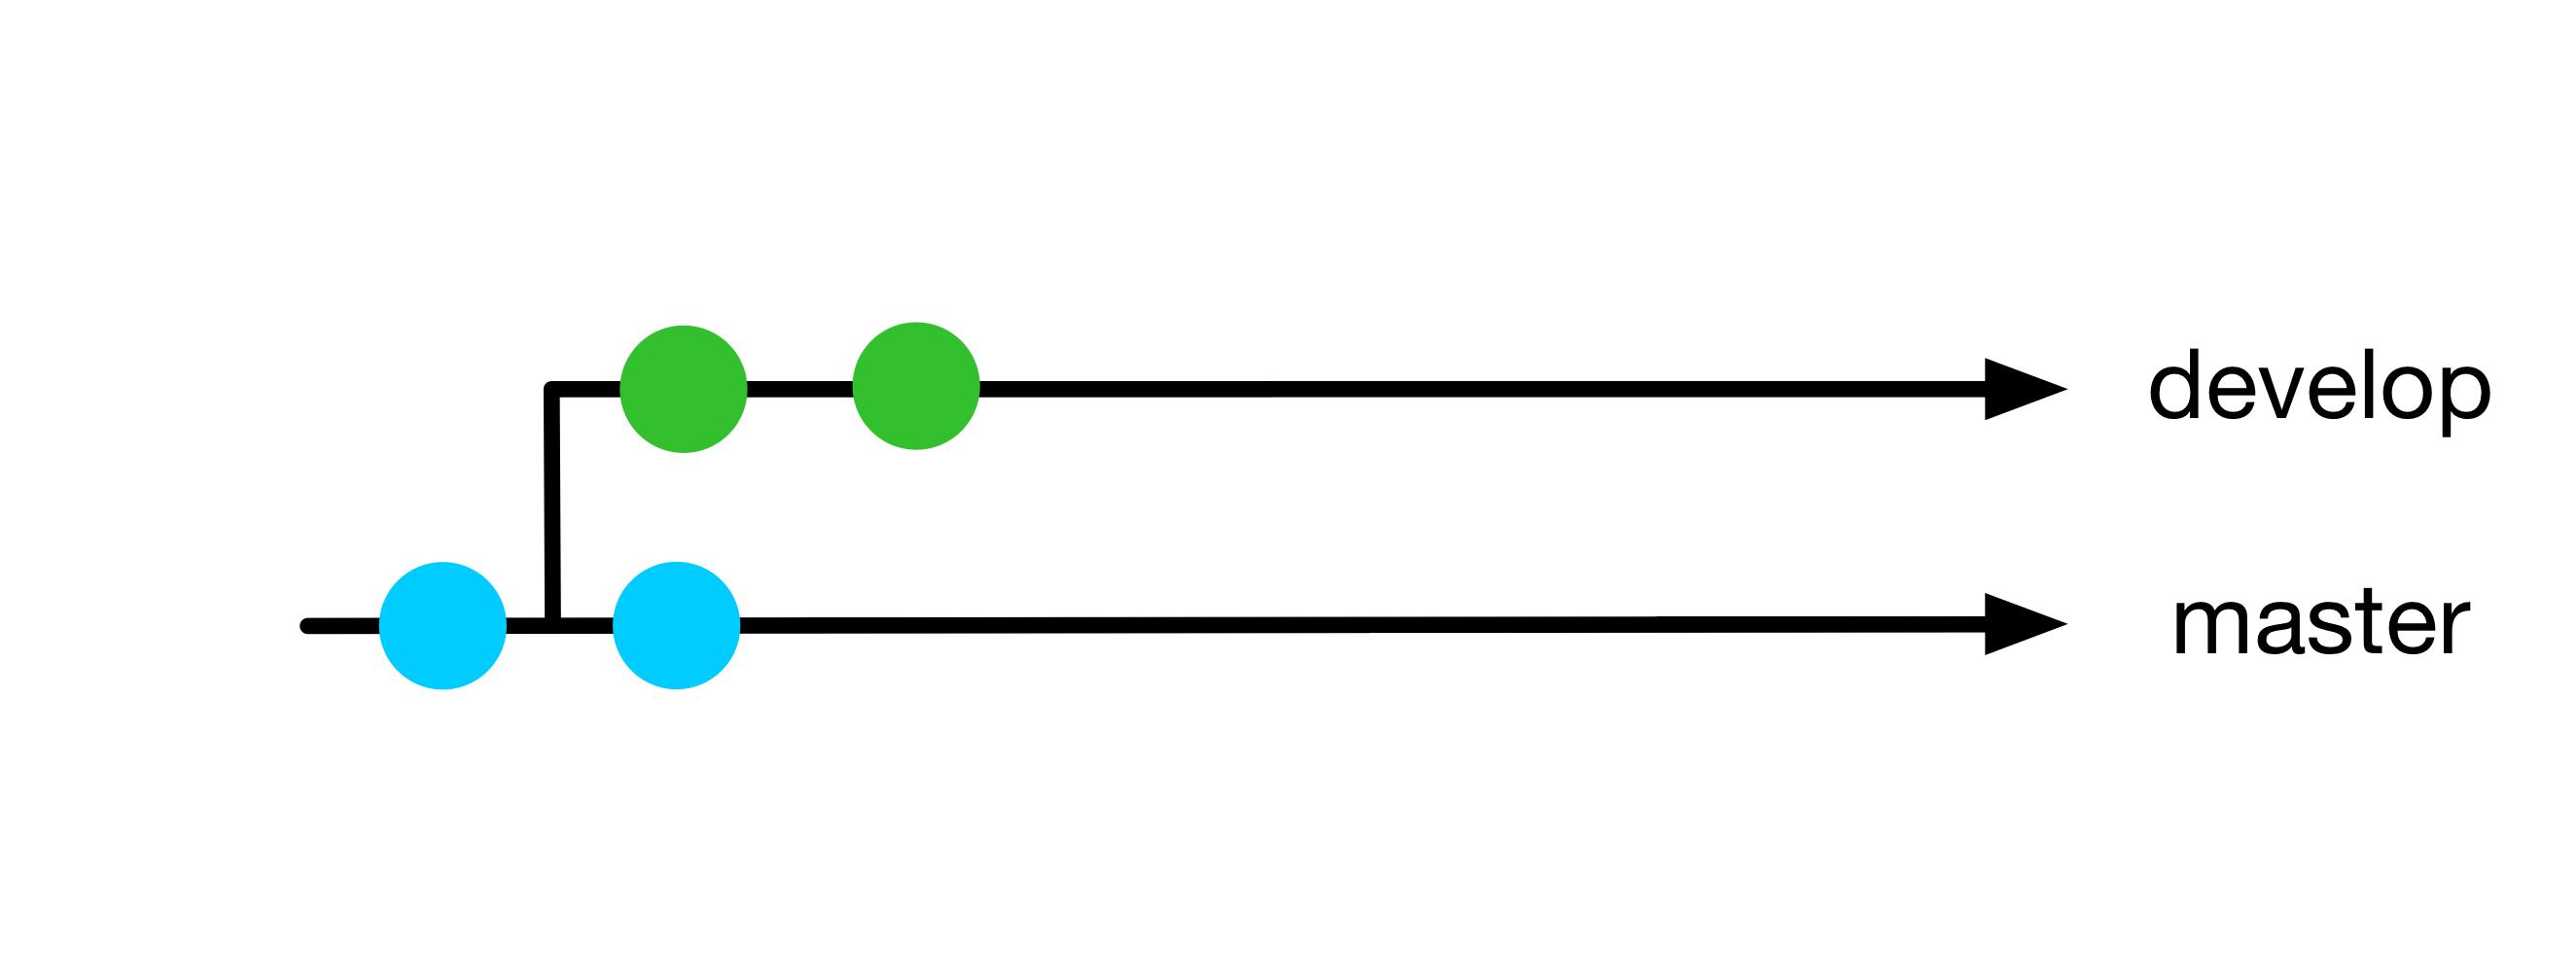 2021/2021-03-18_basicGitTraining/slides/img/branch-master.png